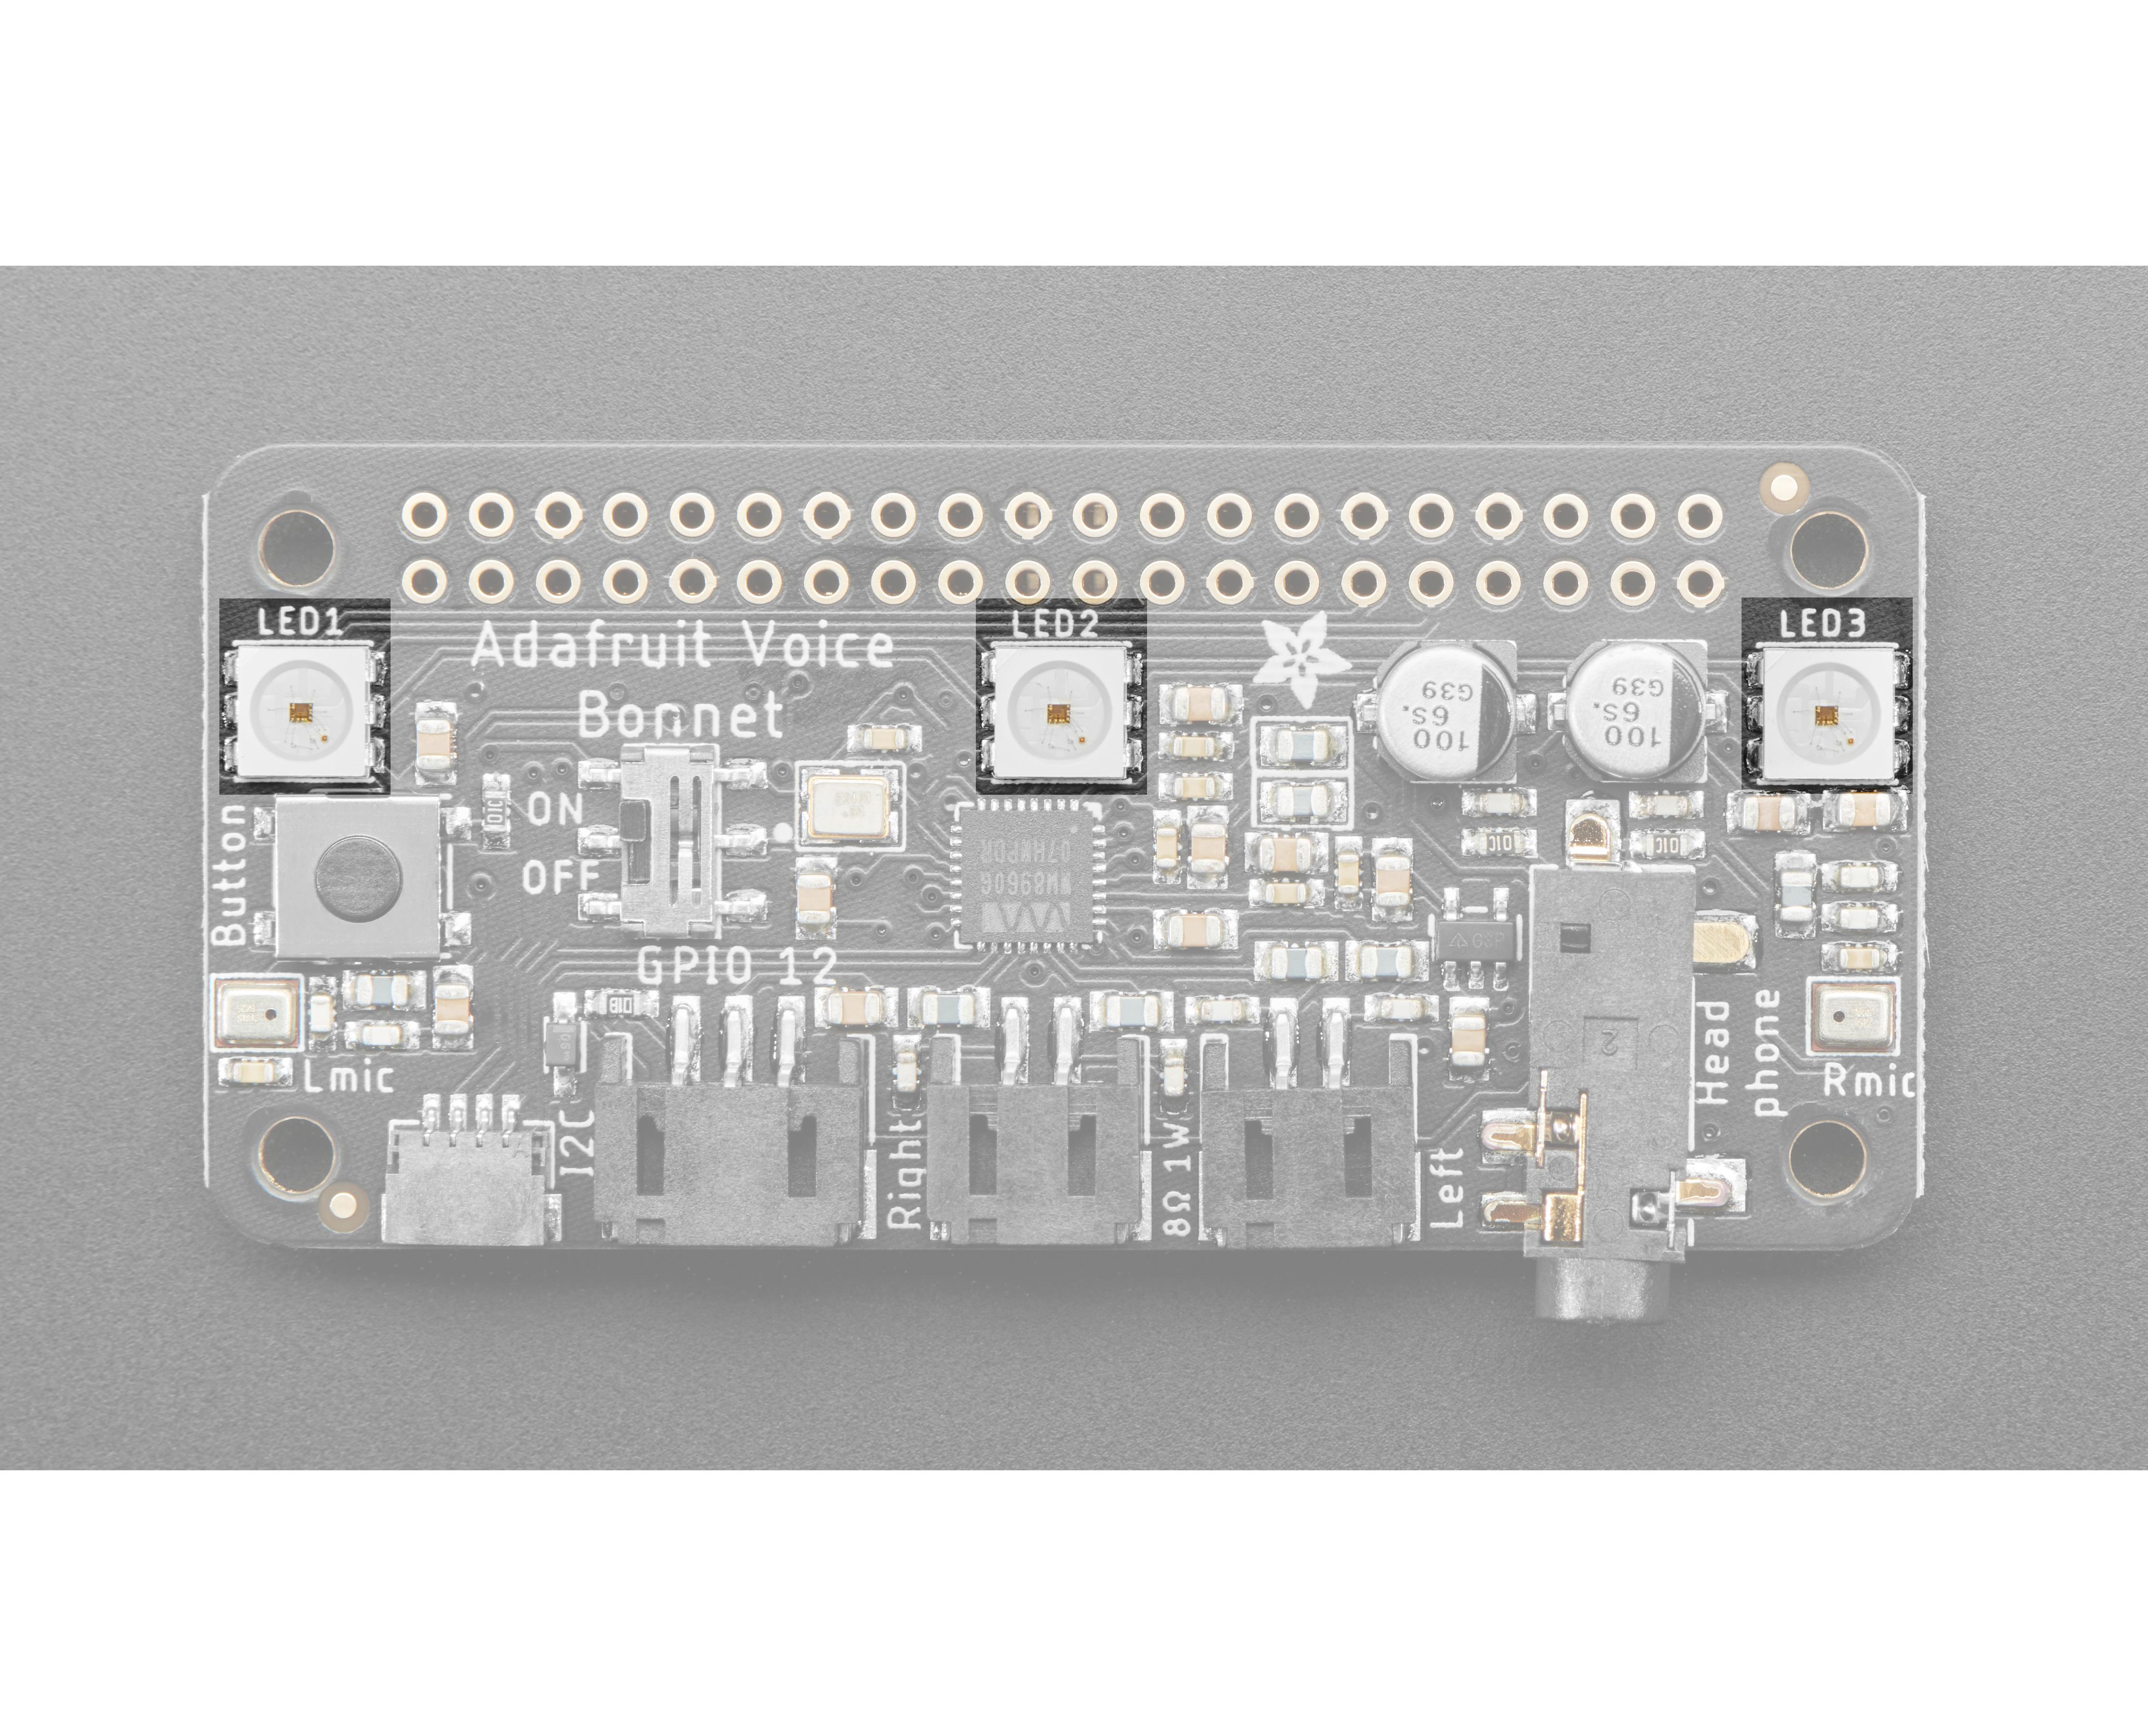 adafruit_products_Voice_Bonnet_pinouts_LEDs.jpg